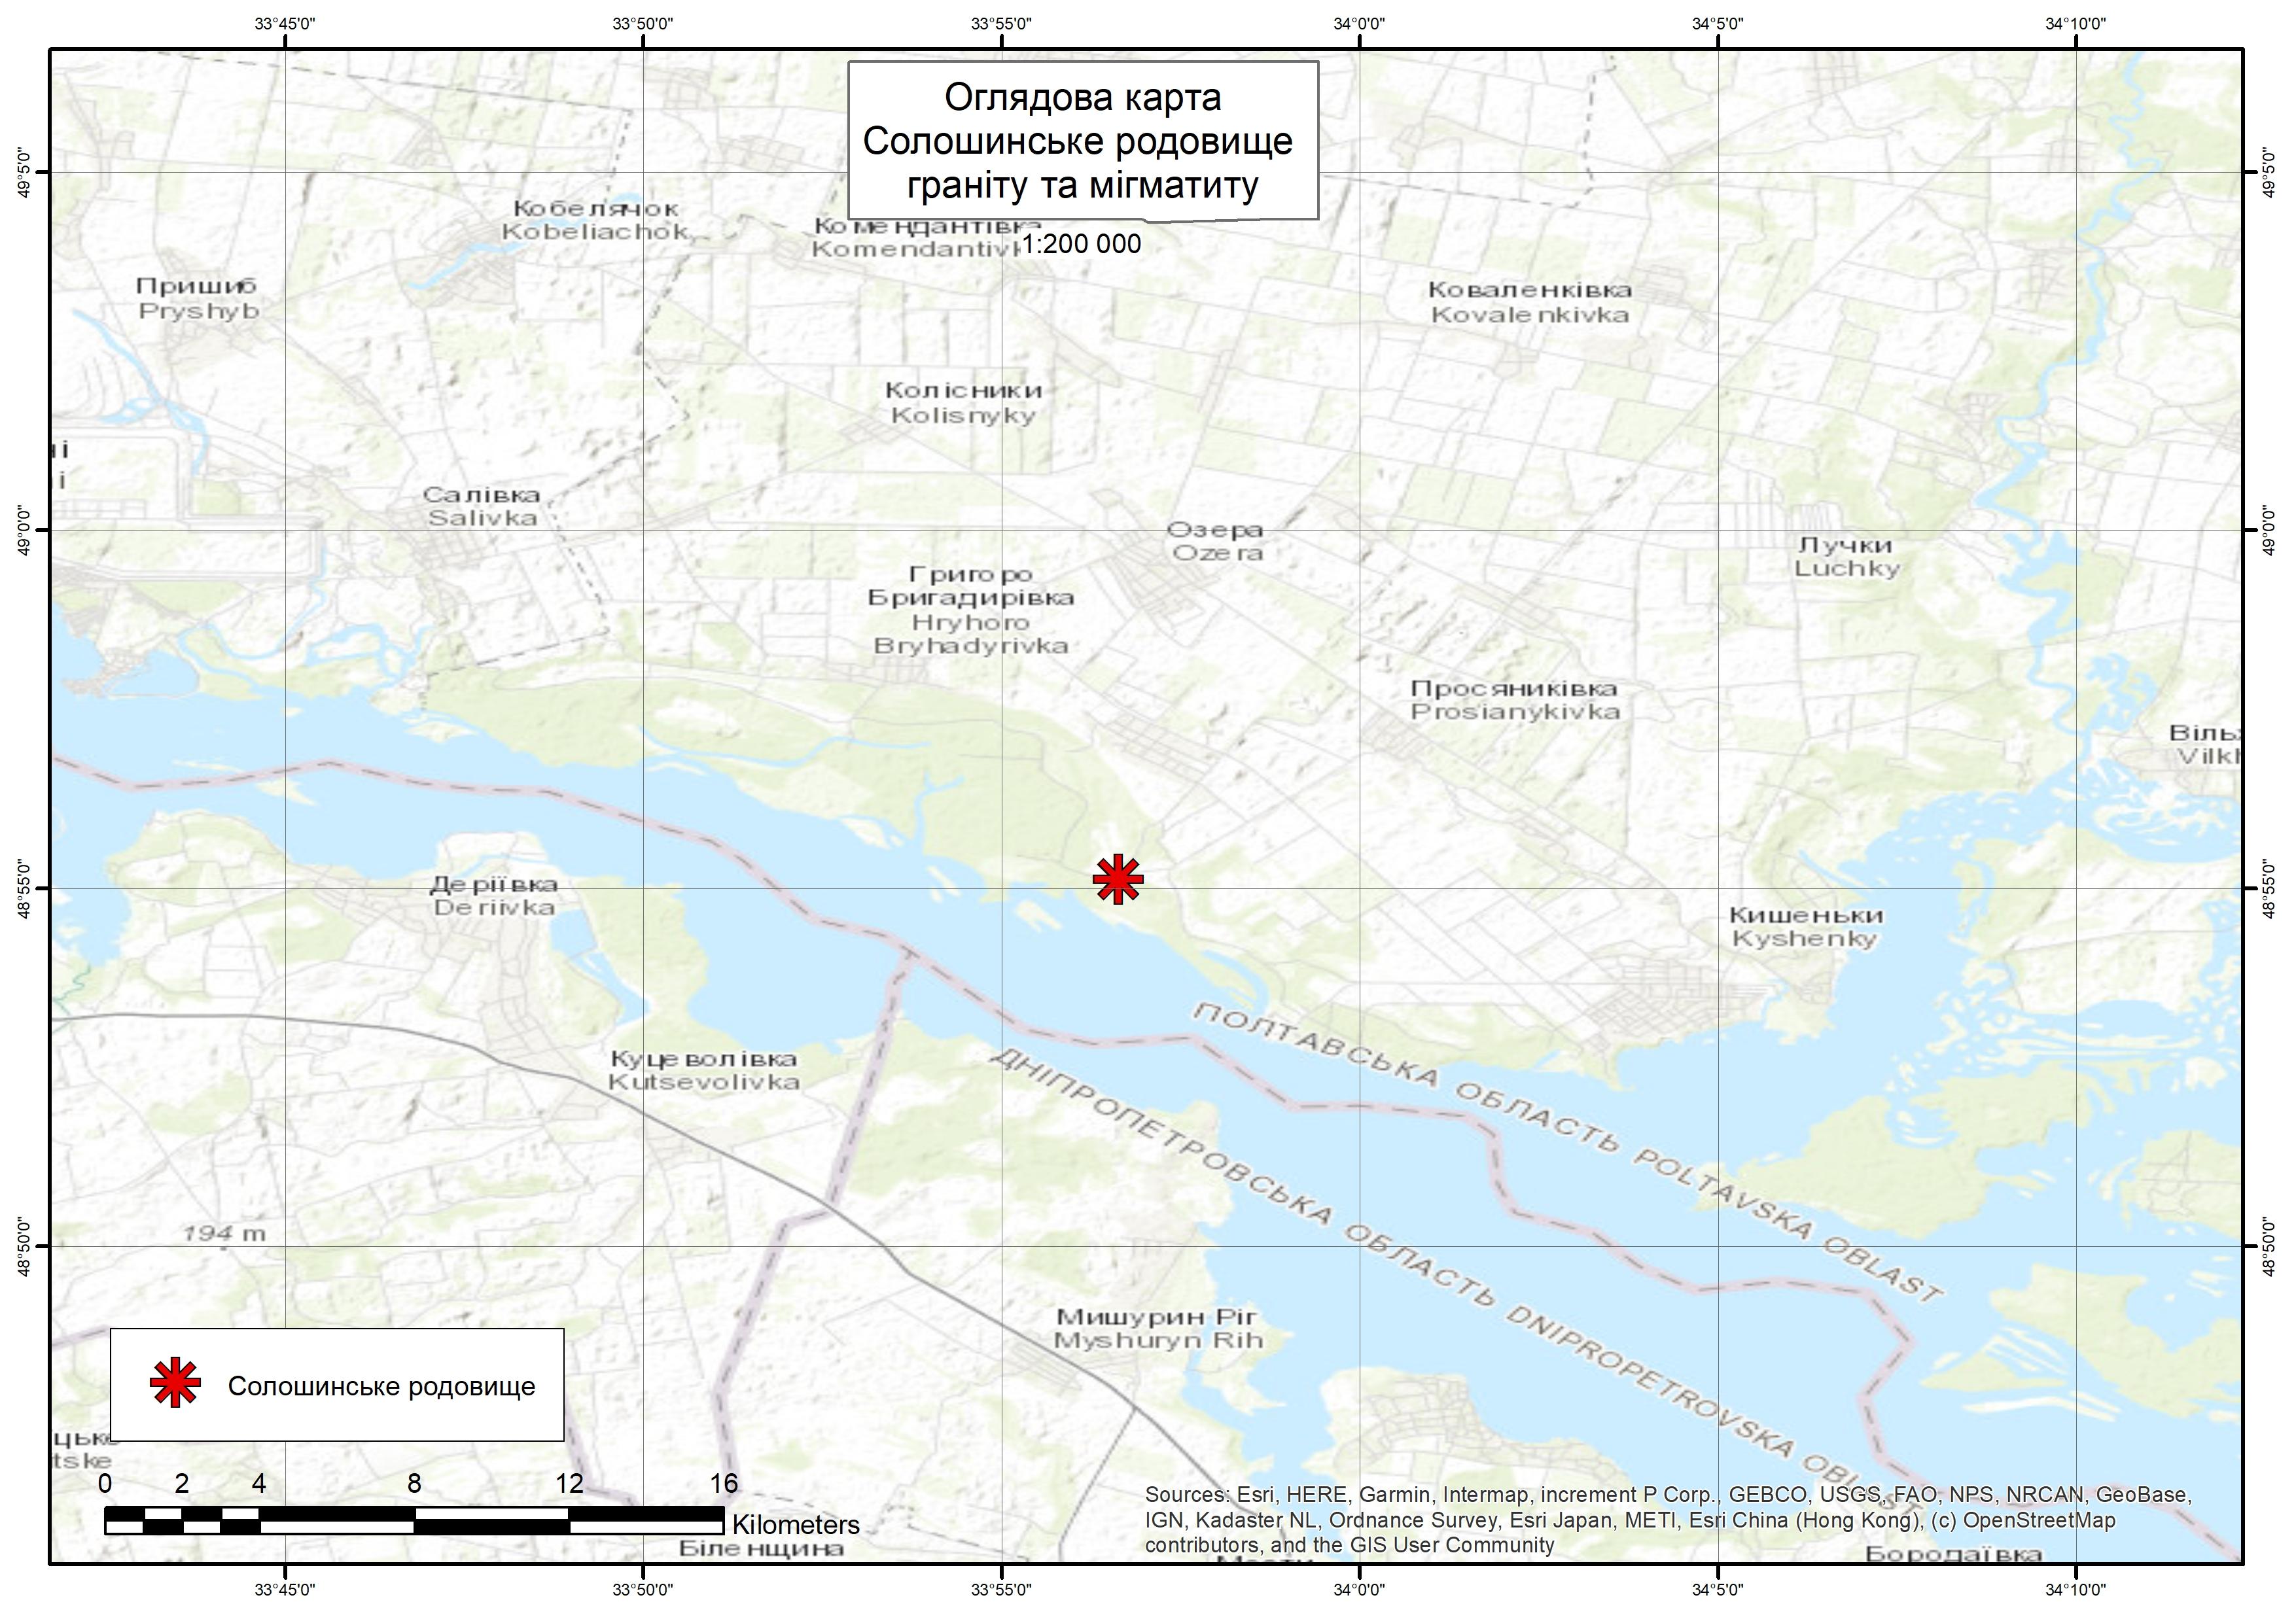 Спеціальний дозвіл на користування надрами – Солошинське родовище. Вартість геологічної інформації – 143 627,40 грн (з ПДВ). Вартість пакету аукціонної документації – 72 550 грн (з ПДВ).